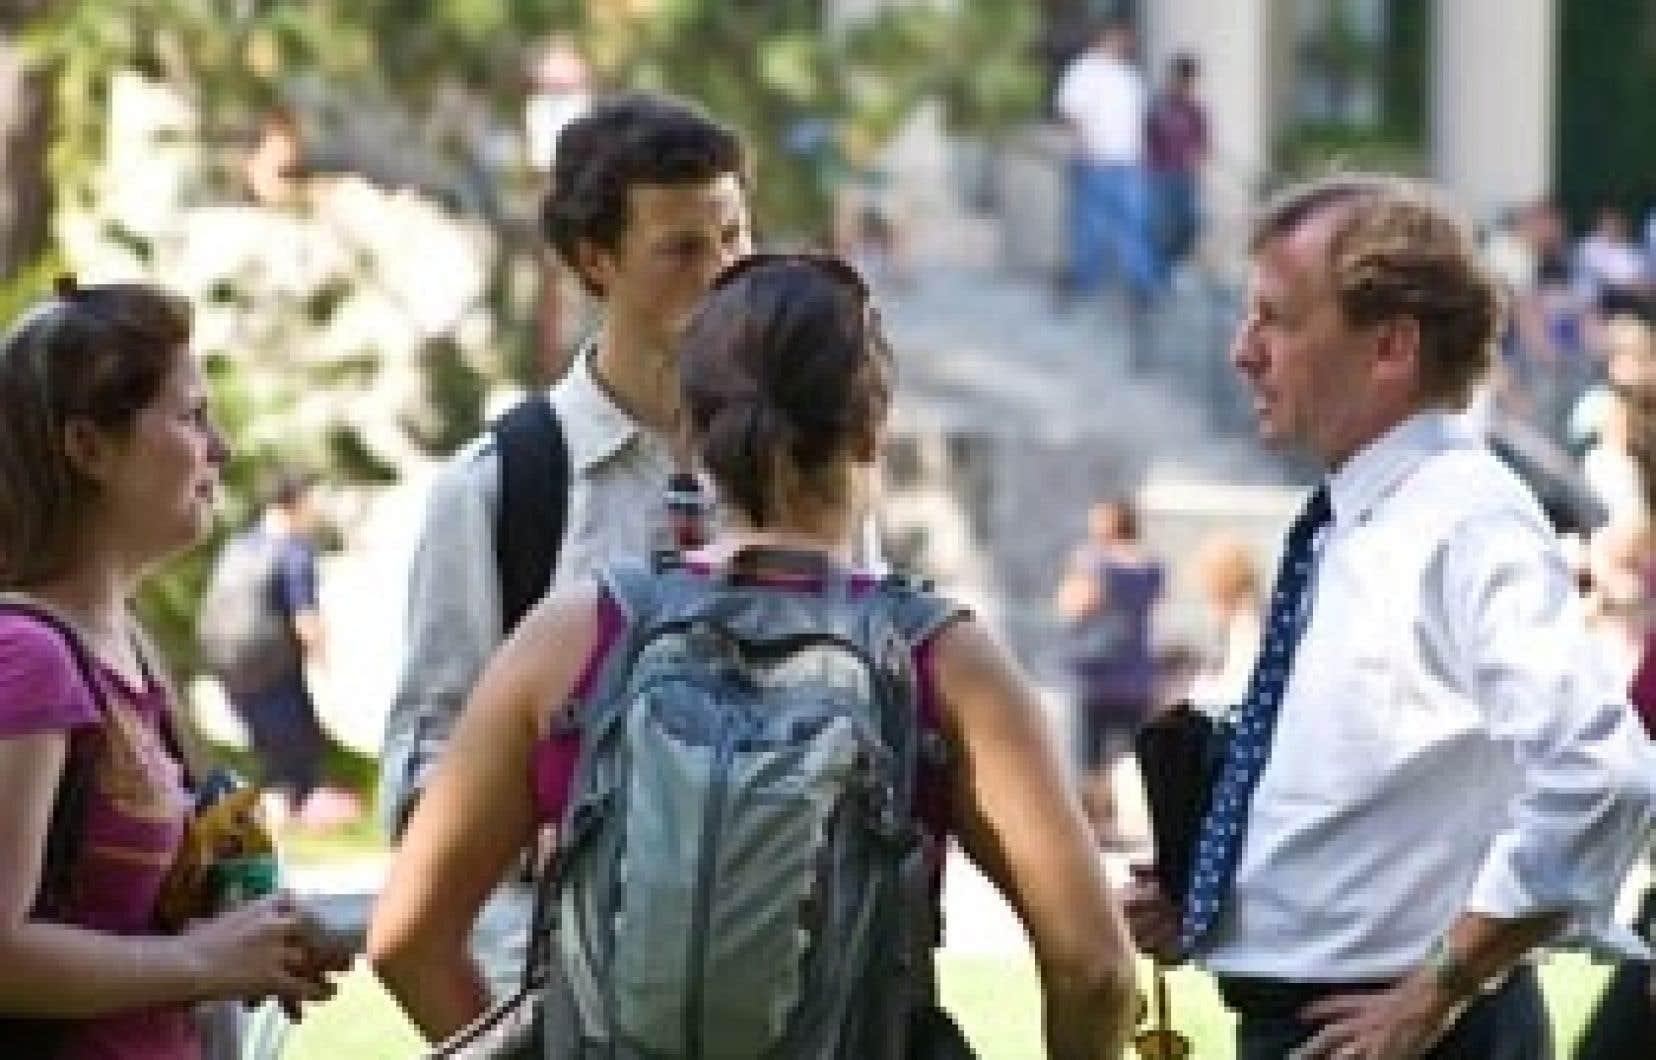 Le recteur de l'Université d'Ottawa, Allan Rock, souhaite aussi améliorer la qualité de l'expérience étudiante sur le campus.